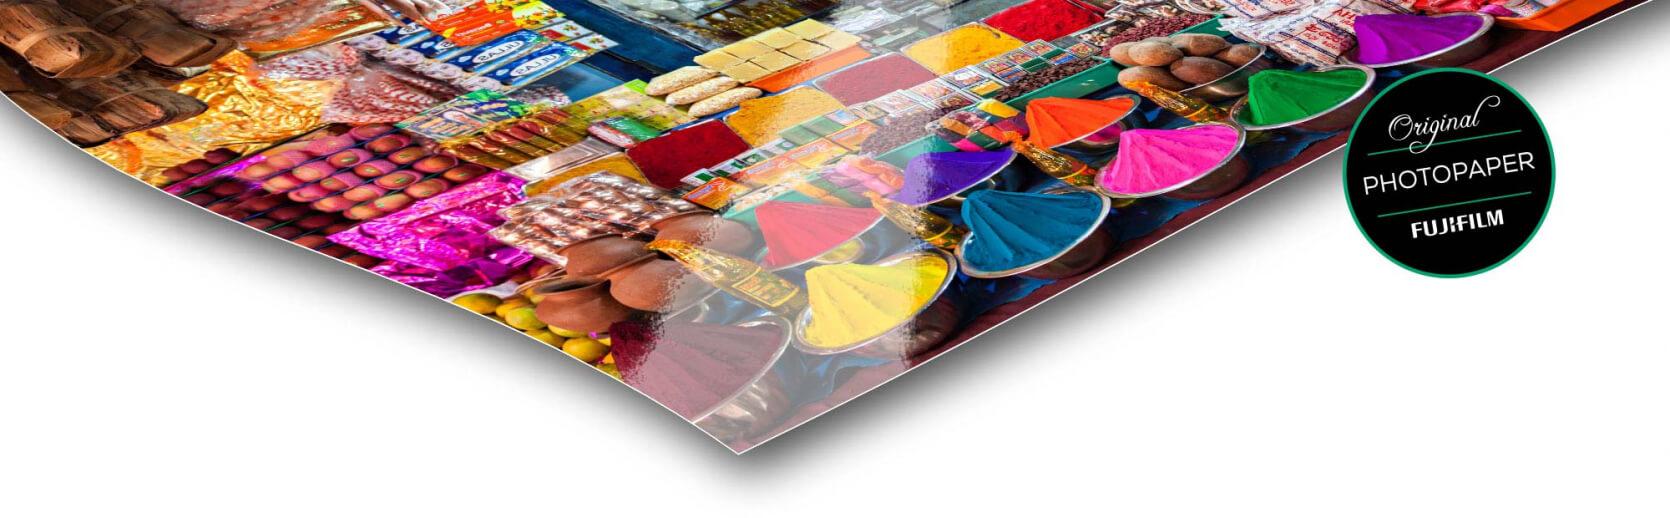 fotopapier foto op dibond glans